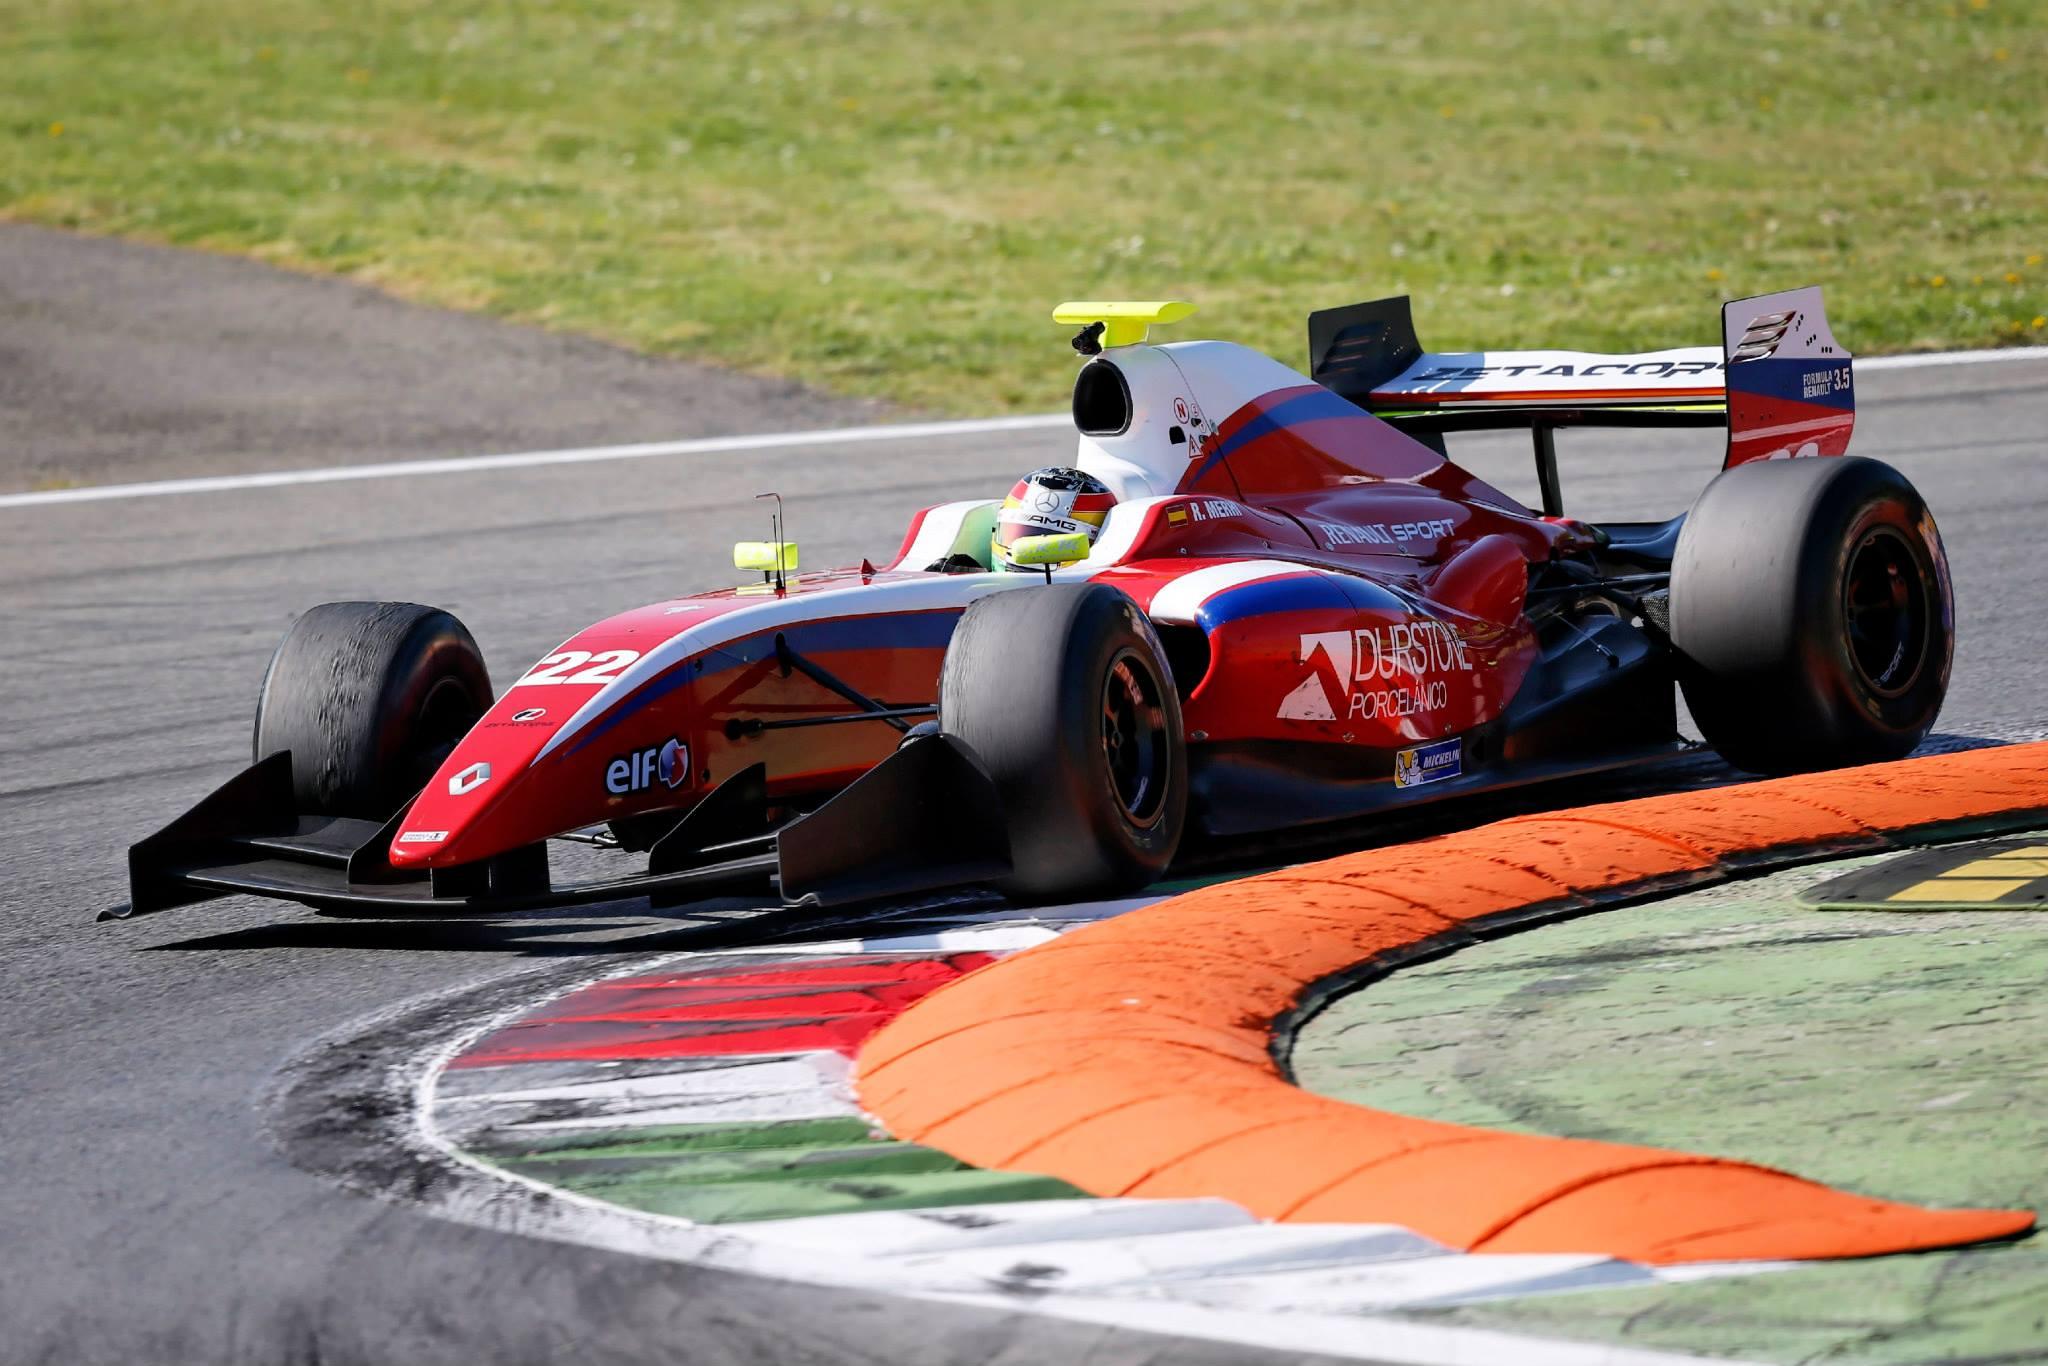 2014 Formula Renault 3.5 Series - Monza - Roberto Merhi